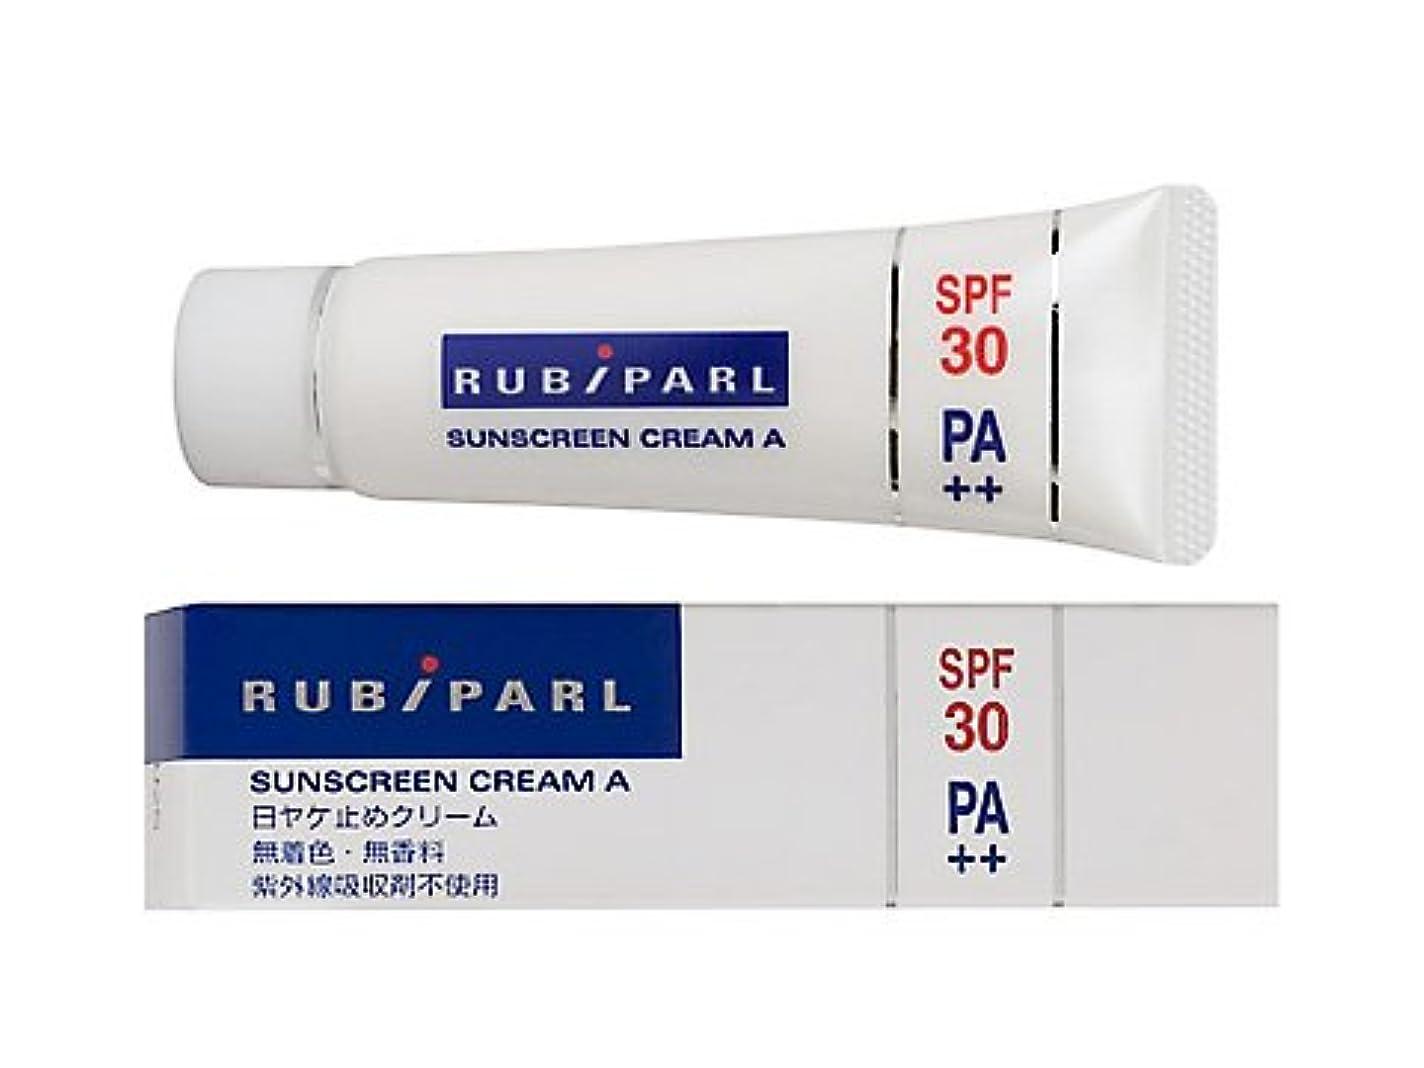 ライン分解するクリープルビパール サンスクリーンクリームA 15g (ミニ) 日ヤケ止めクリーム SPF30?PA++